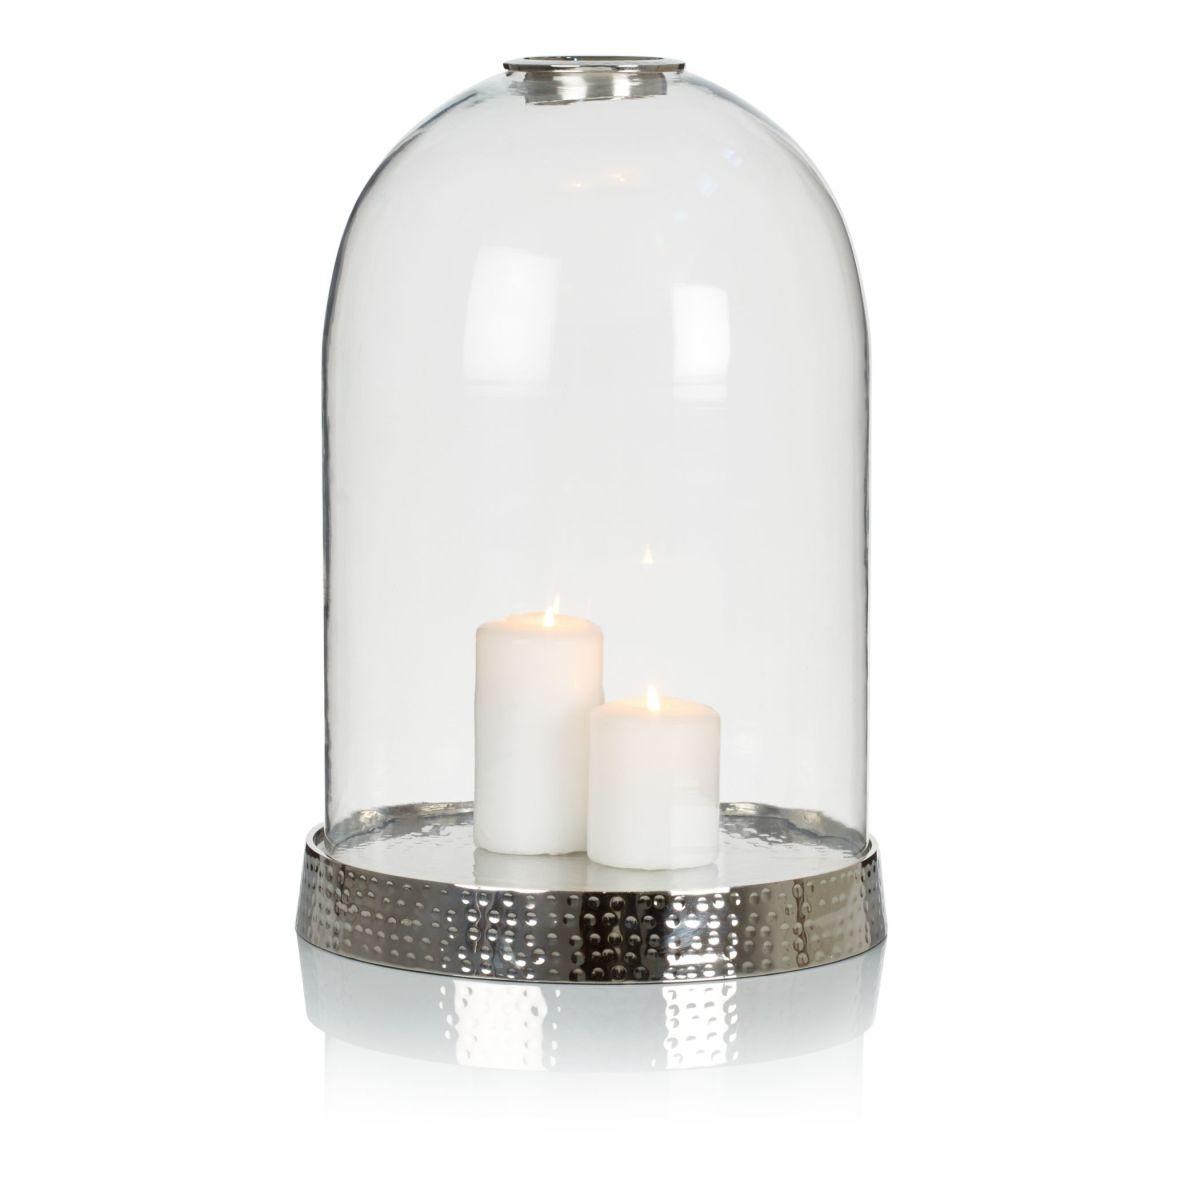 Windlicht, Aluminium, Glas